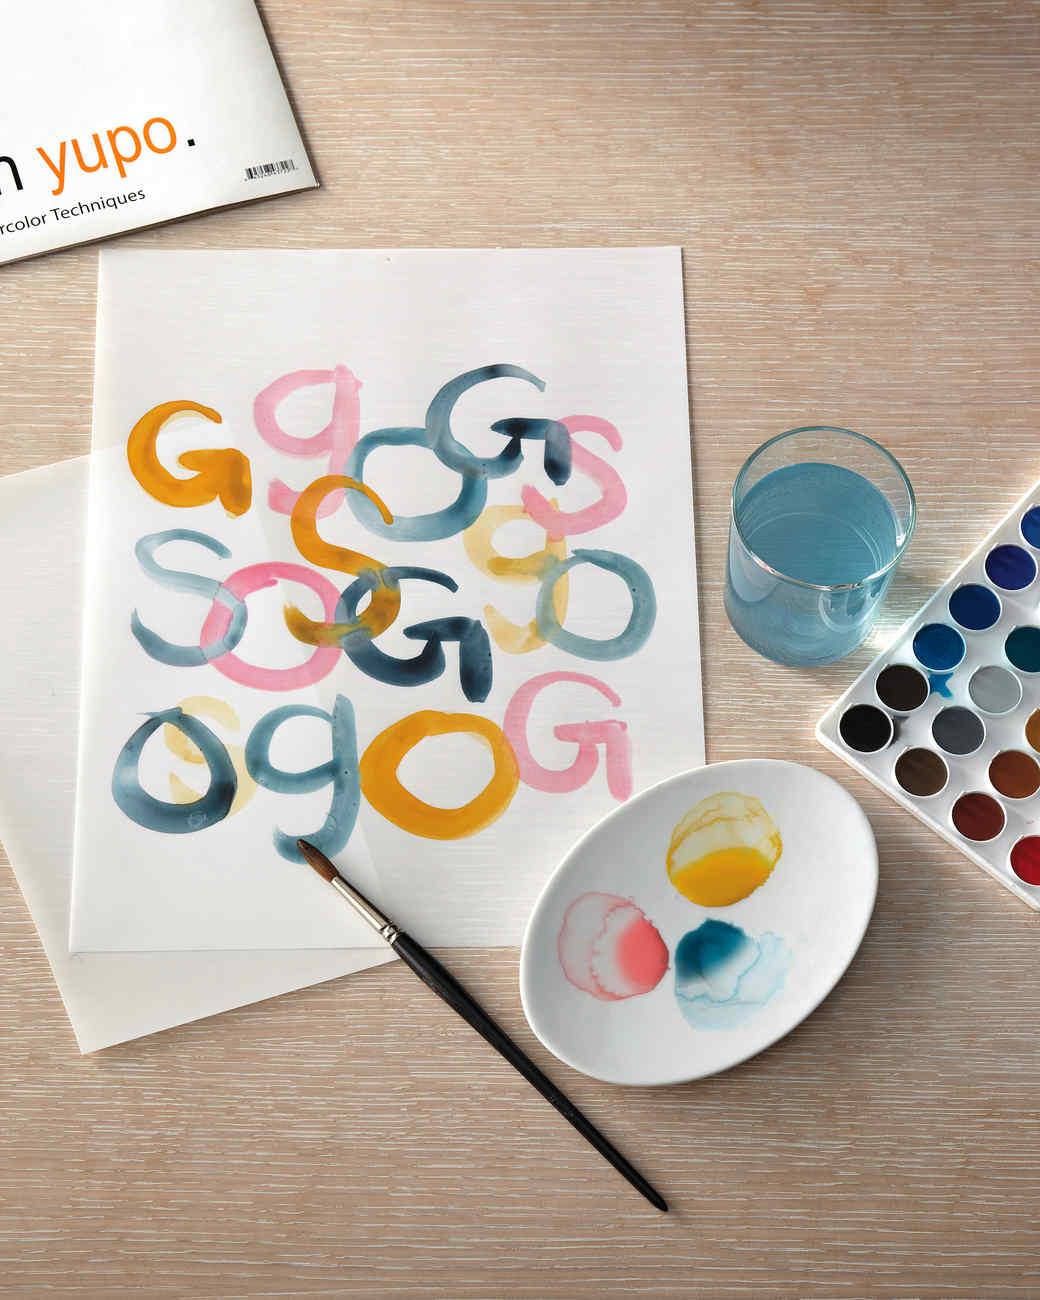 monogram-fabric-0911mld106831.jpg